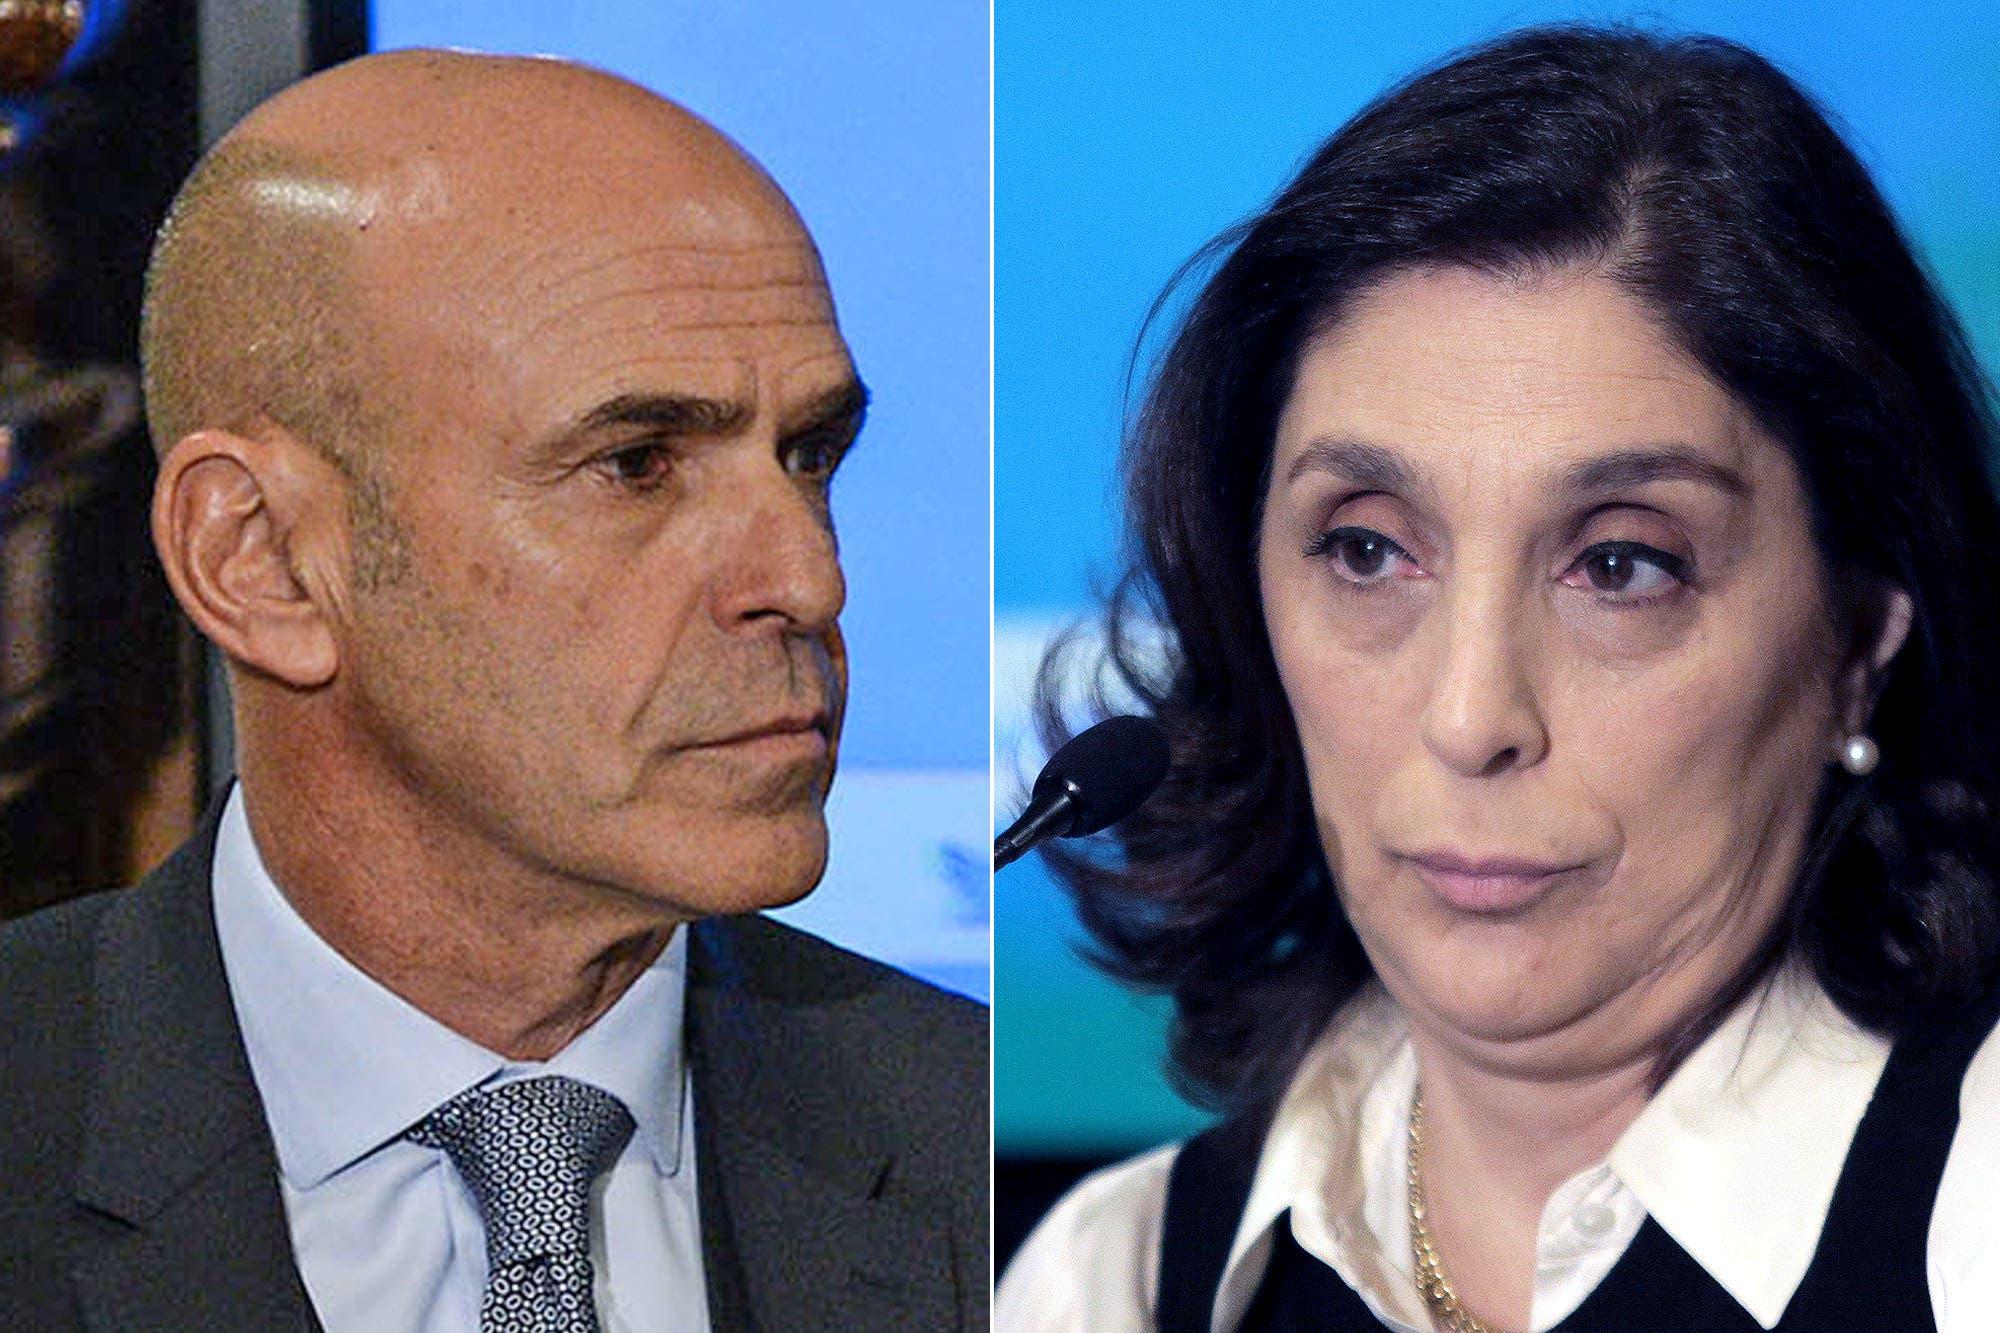 Caso D'Alessio: el juez Ramos Padilla citó a indagatoria a Gustavo Arribas y Silvia Majdalani por espionaje ilegal